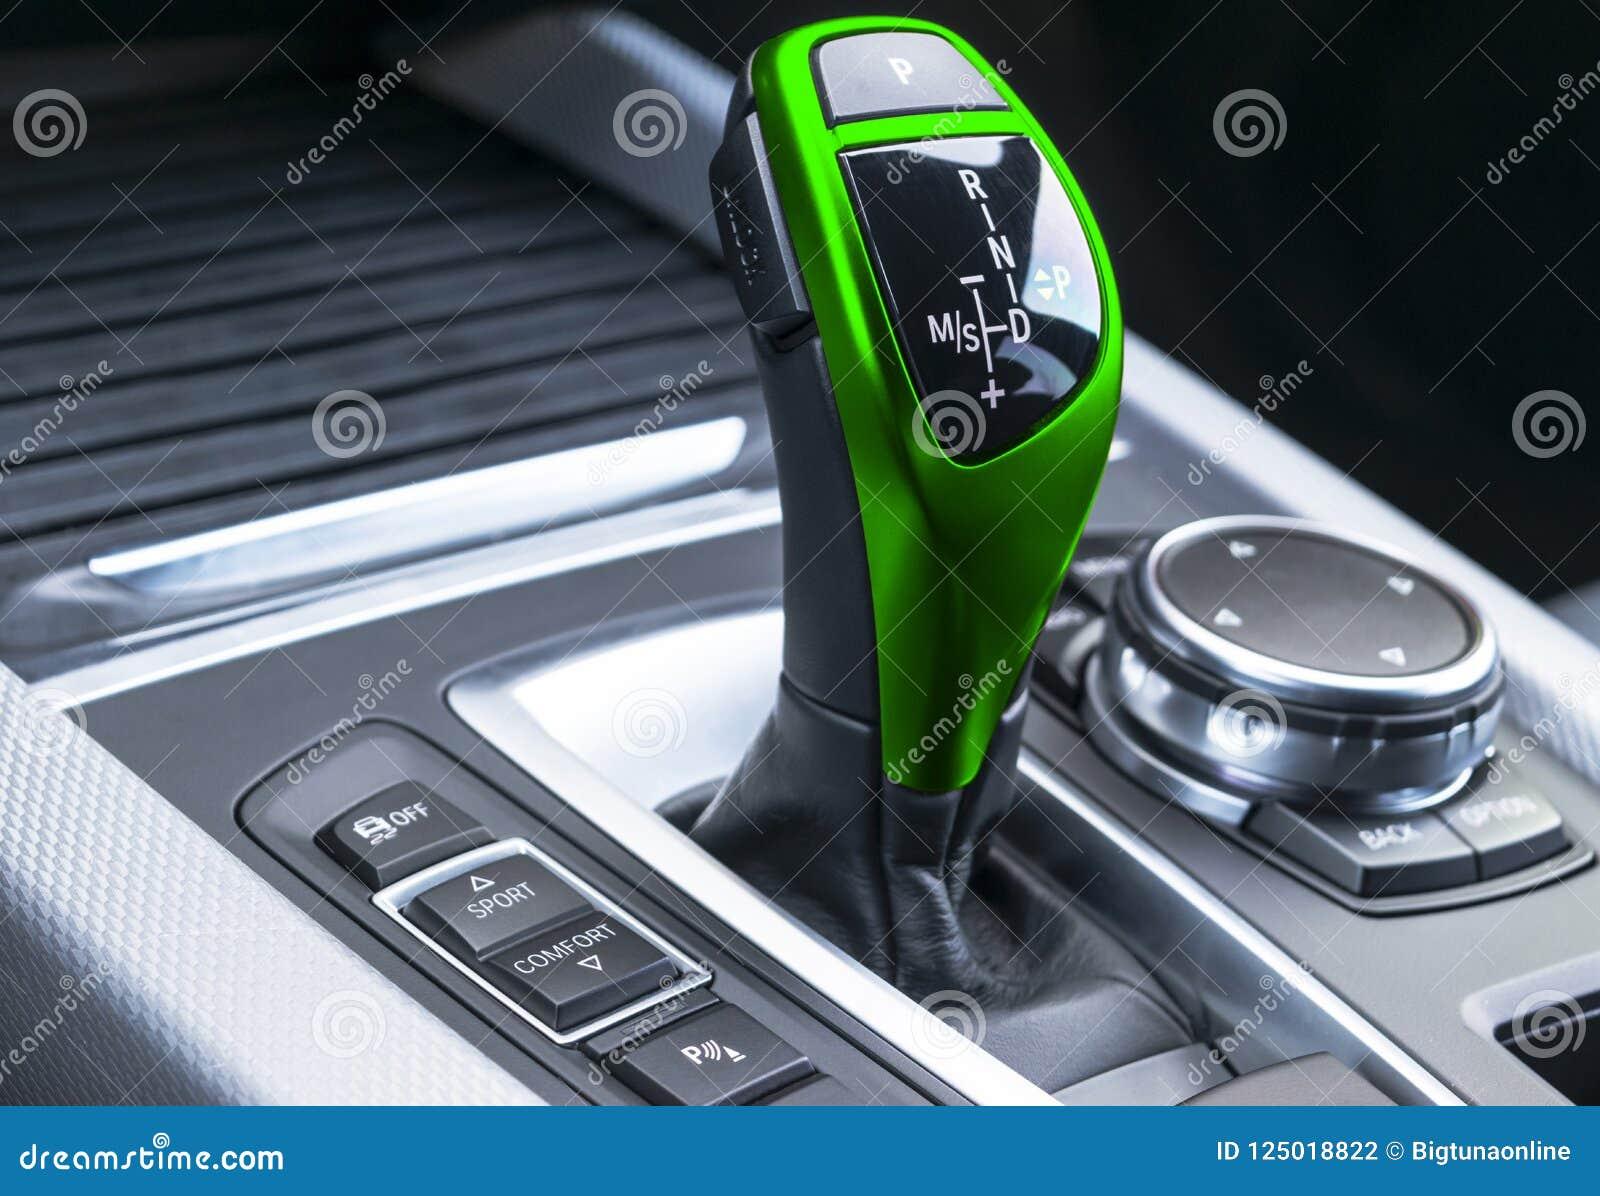 Vara de engrenagem automática verde de um carro moderno detalhes modernos do interior do carro Feche acima da vista Detalhe do ca